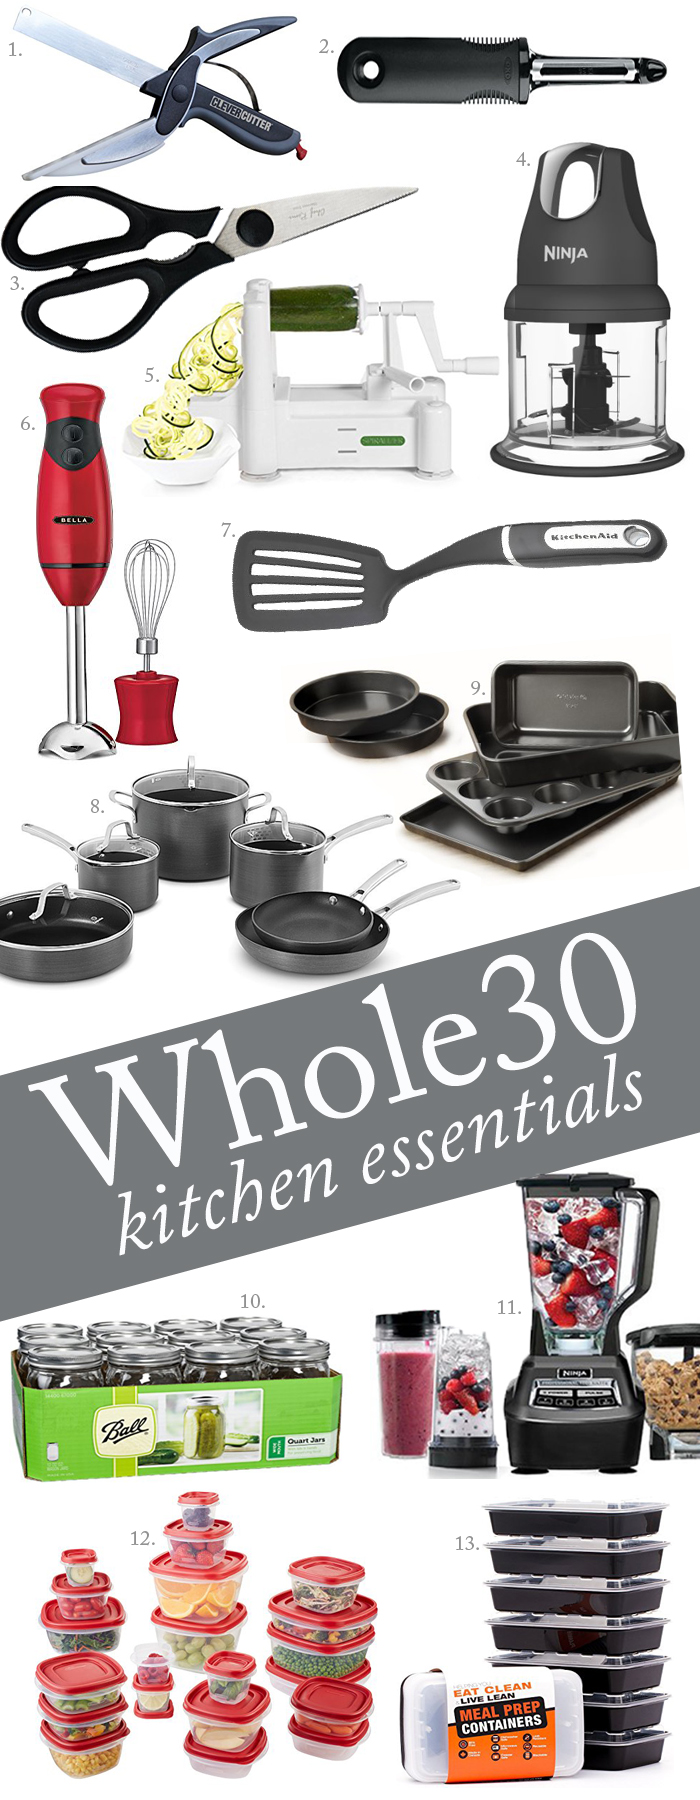 Whole30 Kitchen Essentials Shopping List